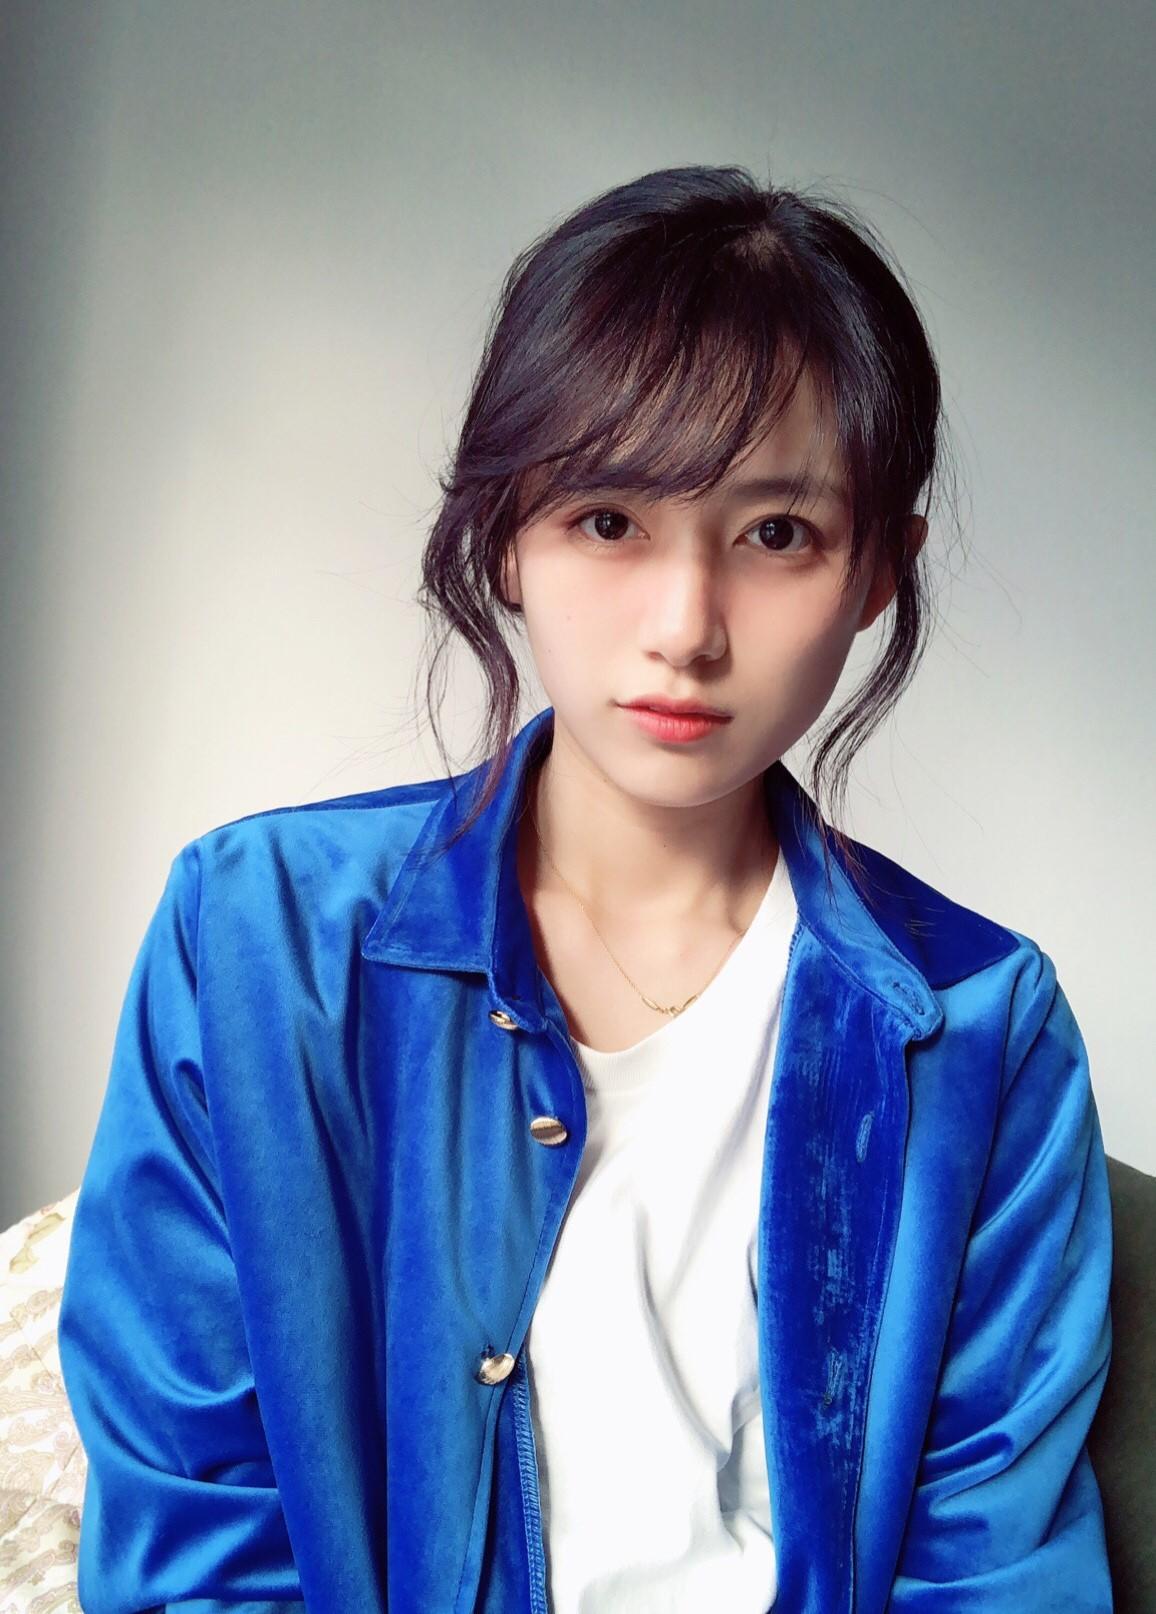 Xuất hiện hot girl ảnh film với nét đẹp cổ điển cực giống nữ thần Kim Ji Won của Hậu duệ Mặt trời - Ảnh 8.